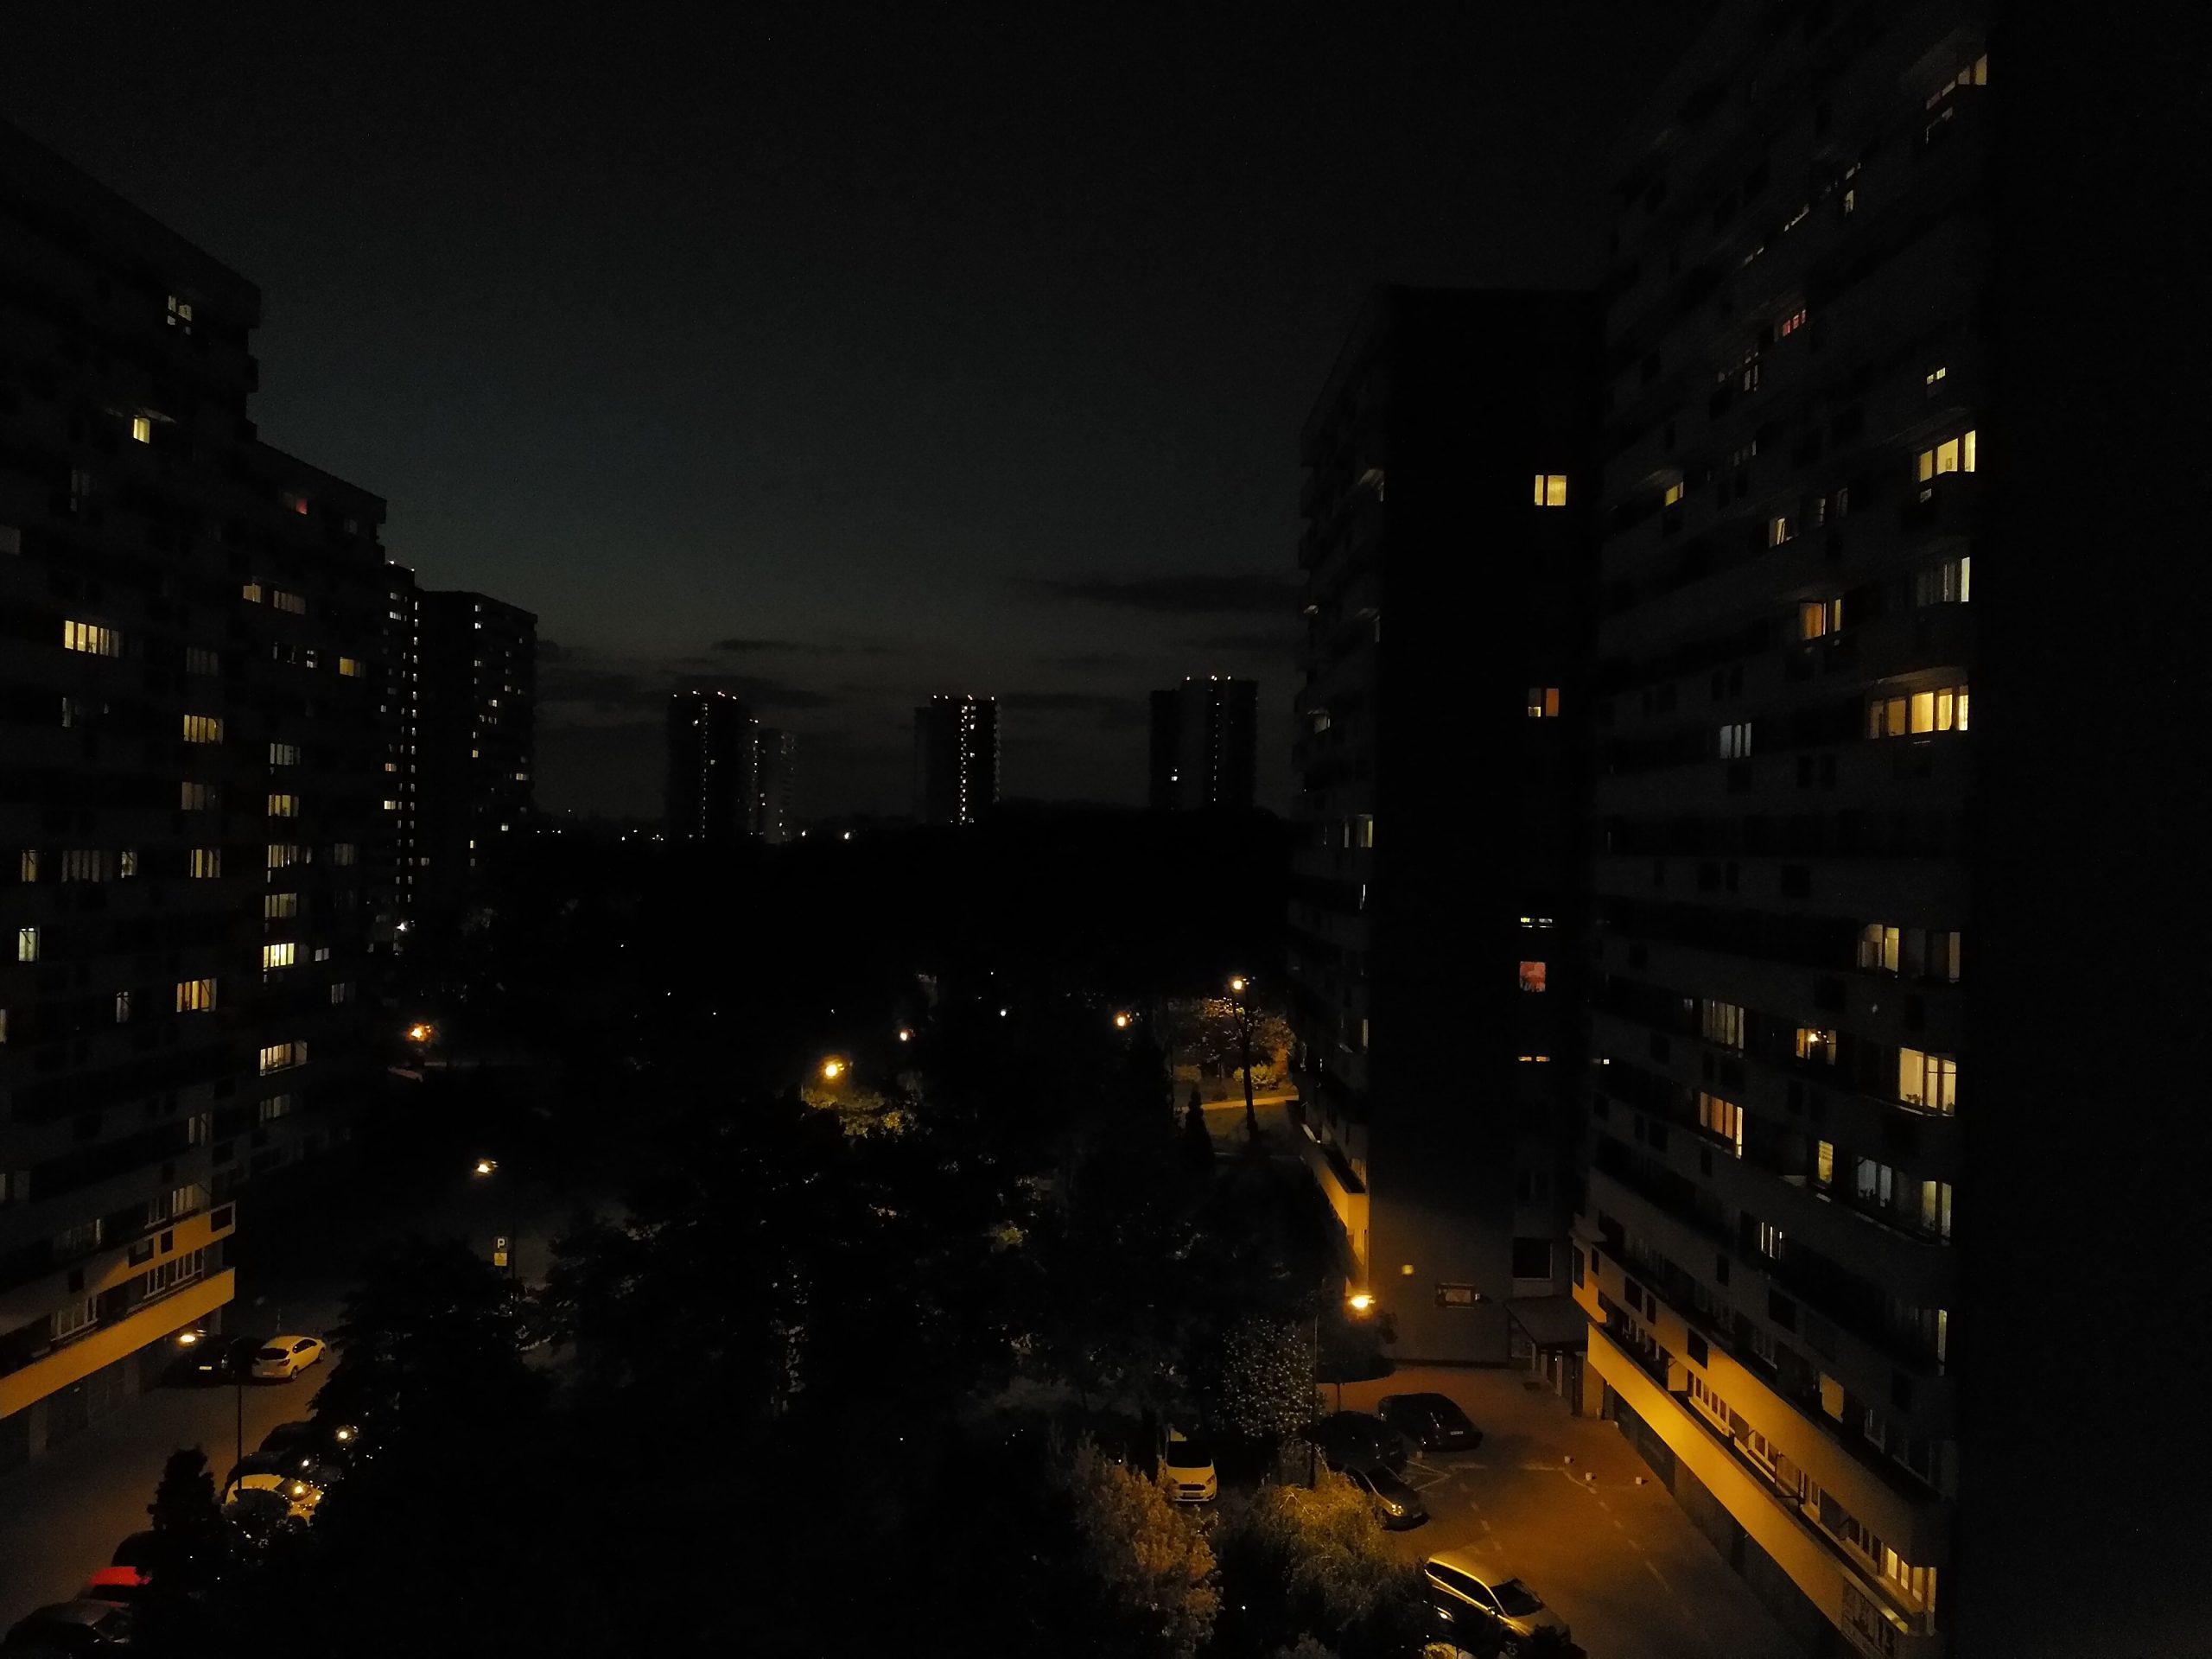 Zdjęcia nocne - Sharp Aquos V